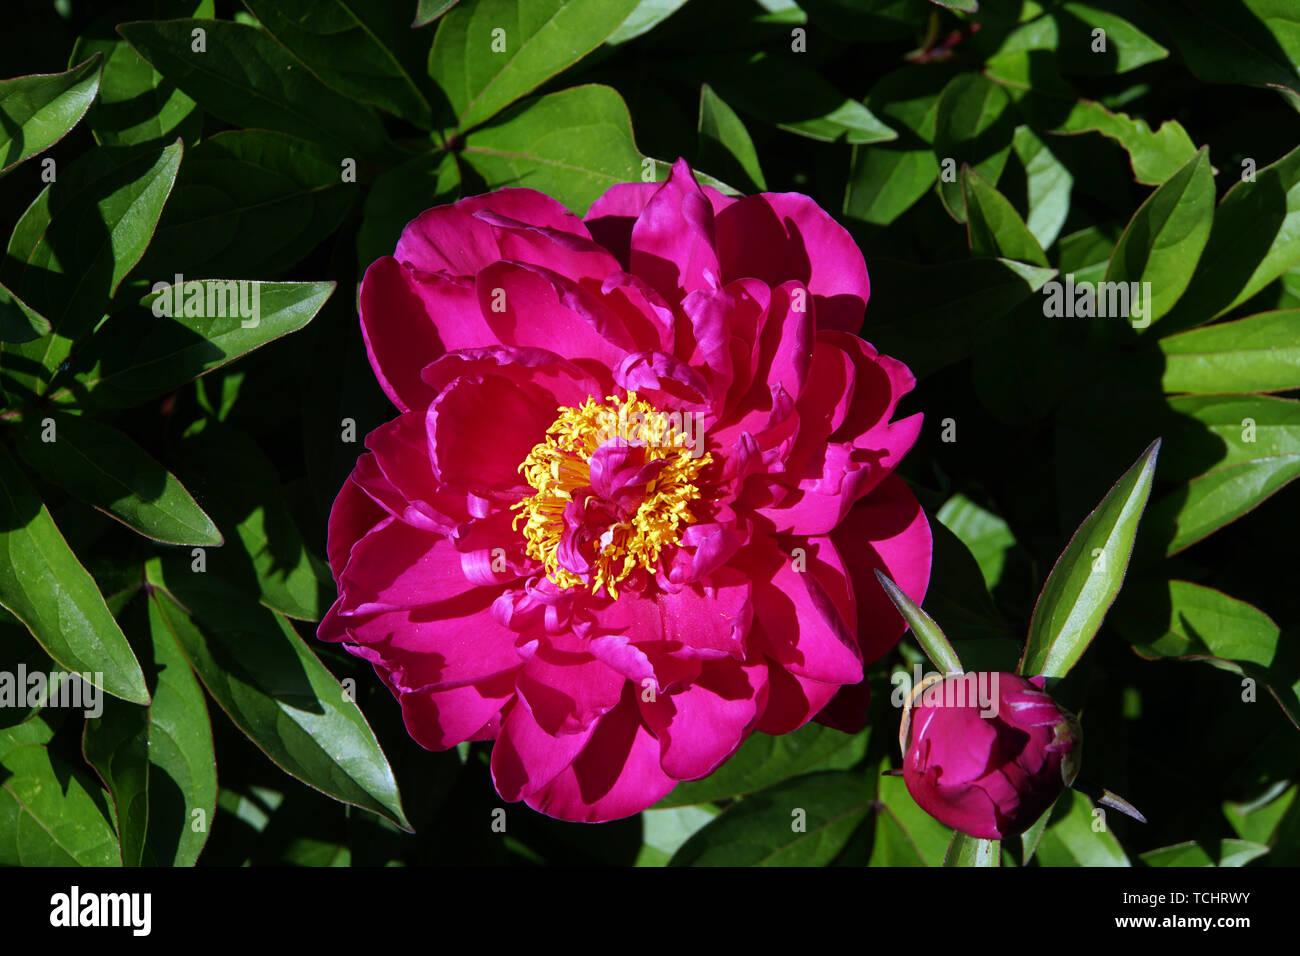 Gemeine Pfingstrose (Paeonia officinalis), auch Echte Pfingstrose, Bauern-Pfingstrose, Garten-Pfingstrose im Bauerngarten Stock Photo